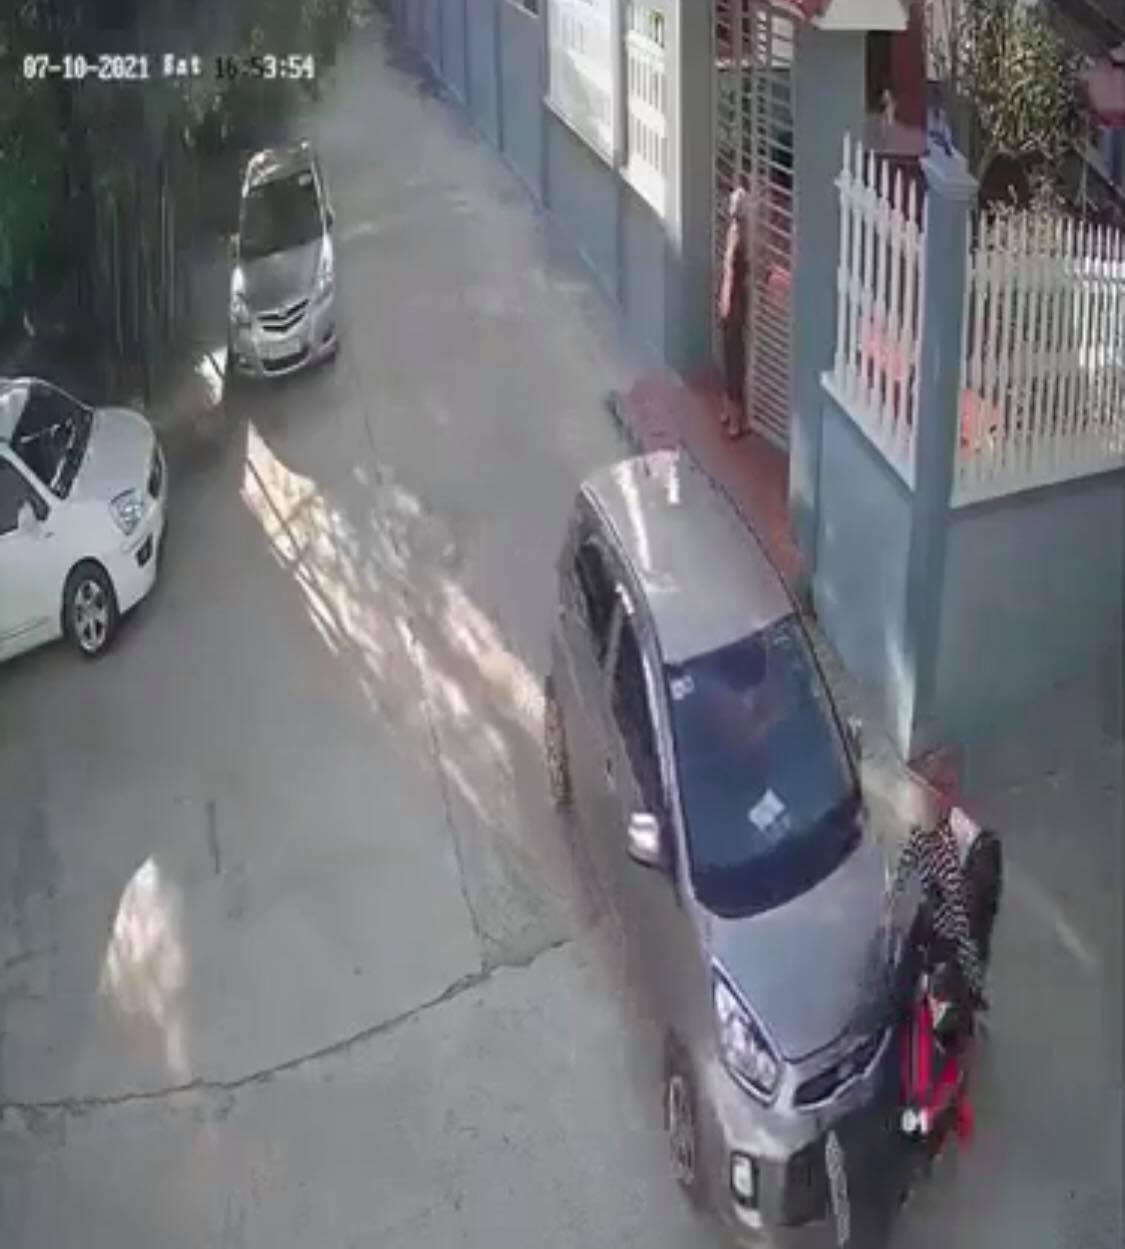 Rơi trúng 'điểm mù', người phụ nữ lộn vòng trước đầu ôtô khiến ai nấy khiếp vía và cái kết bất ngờ - Ảnh 4